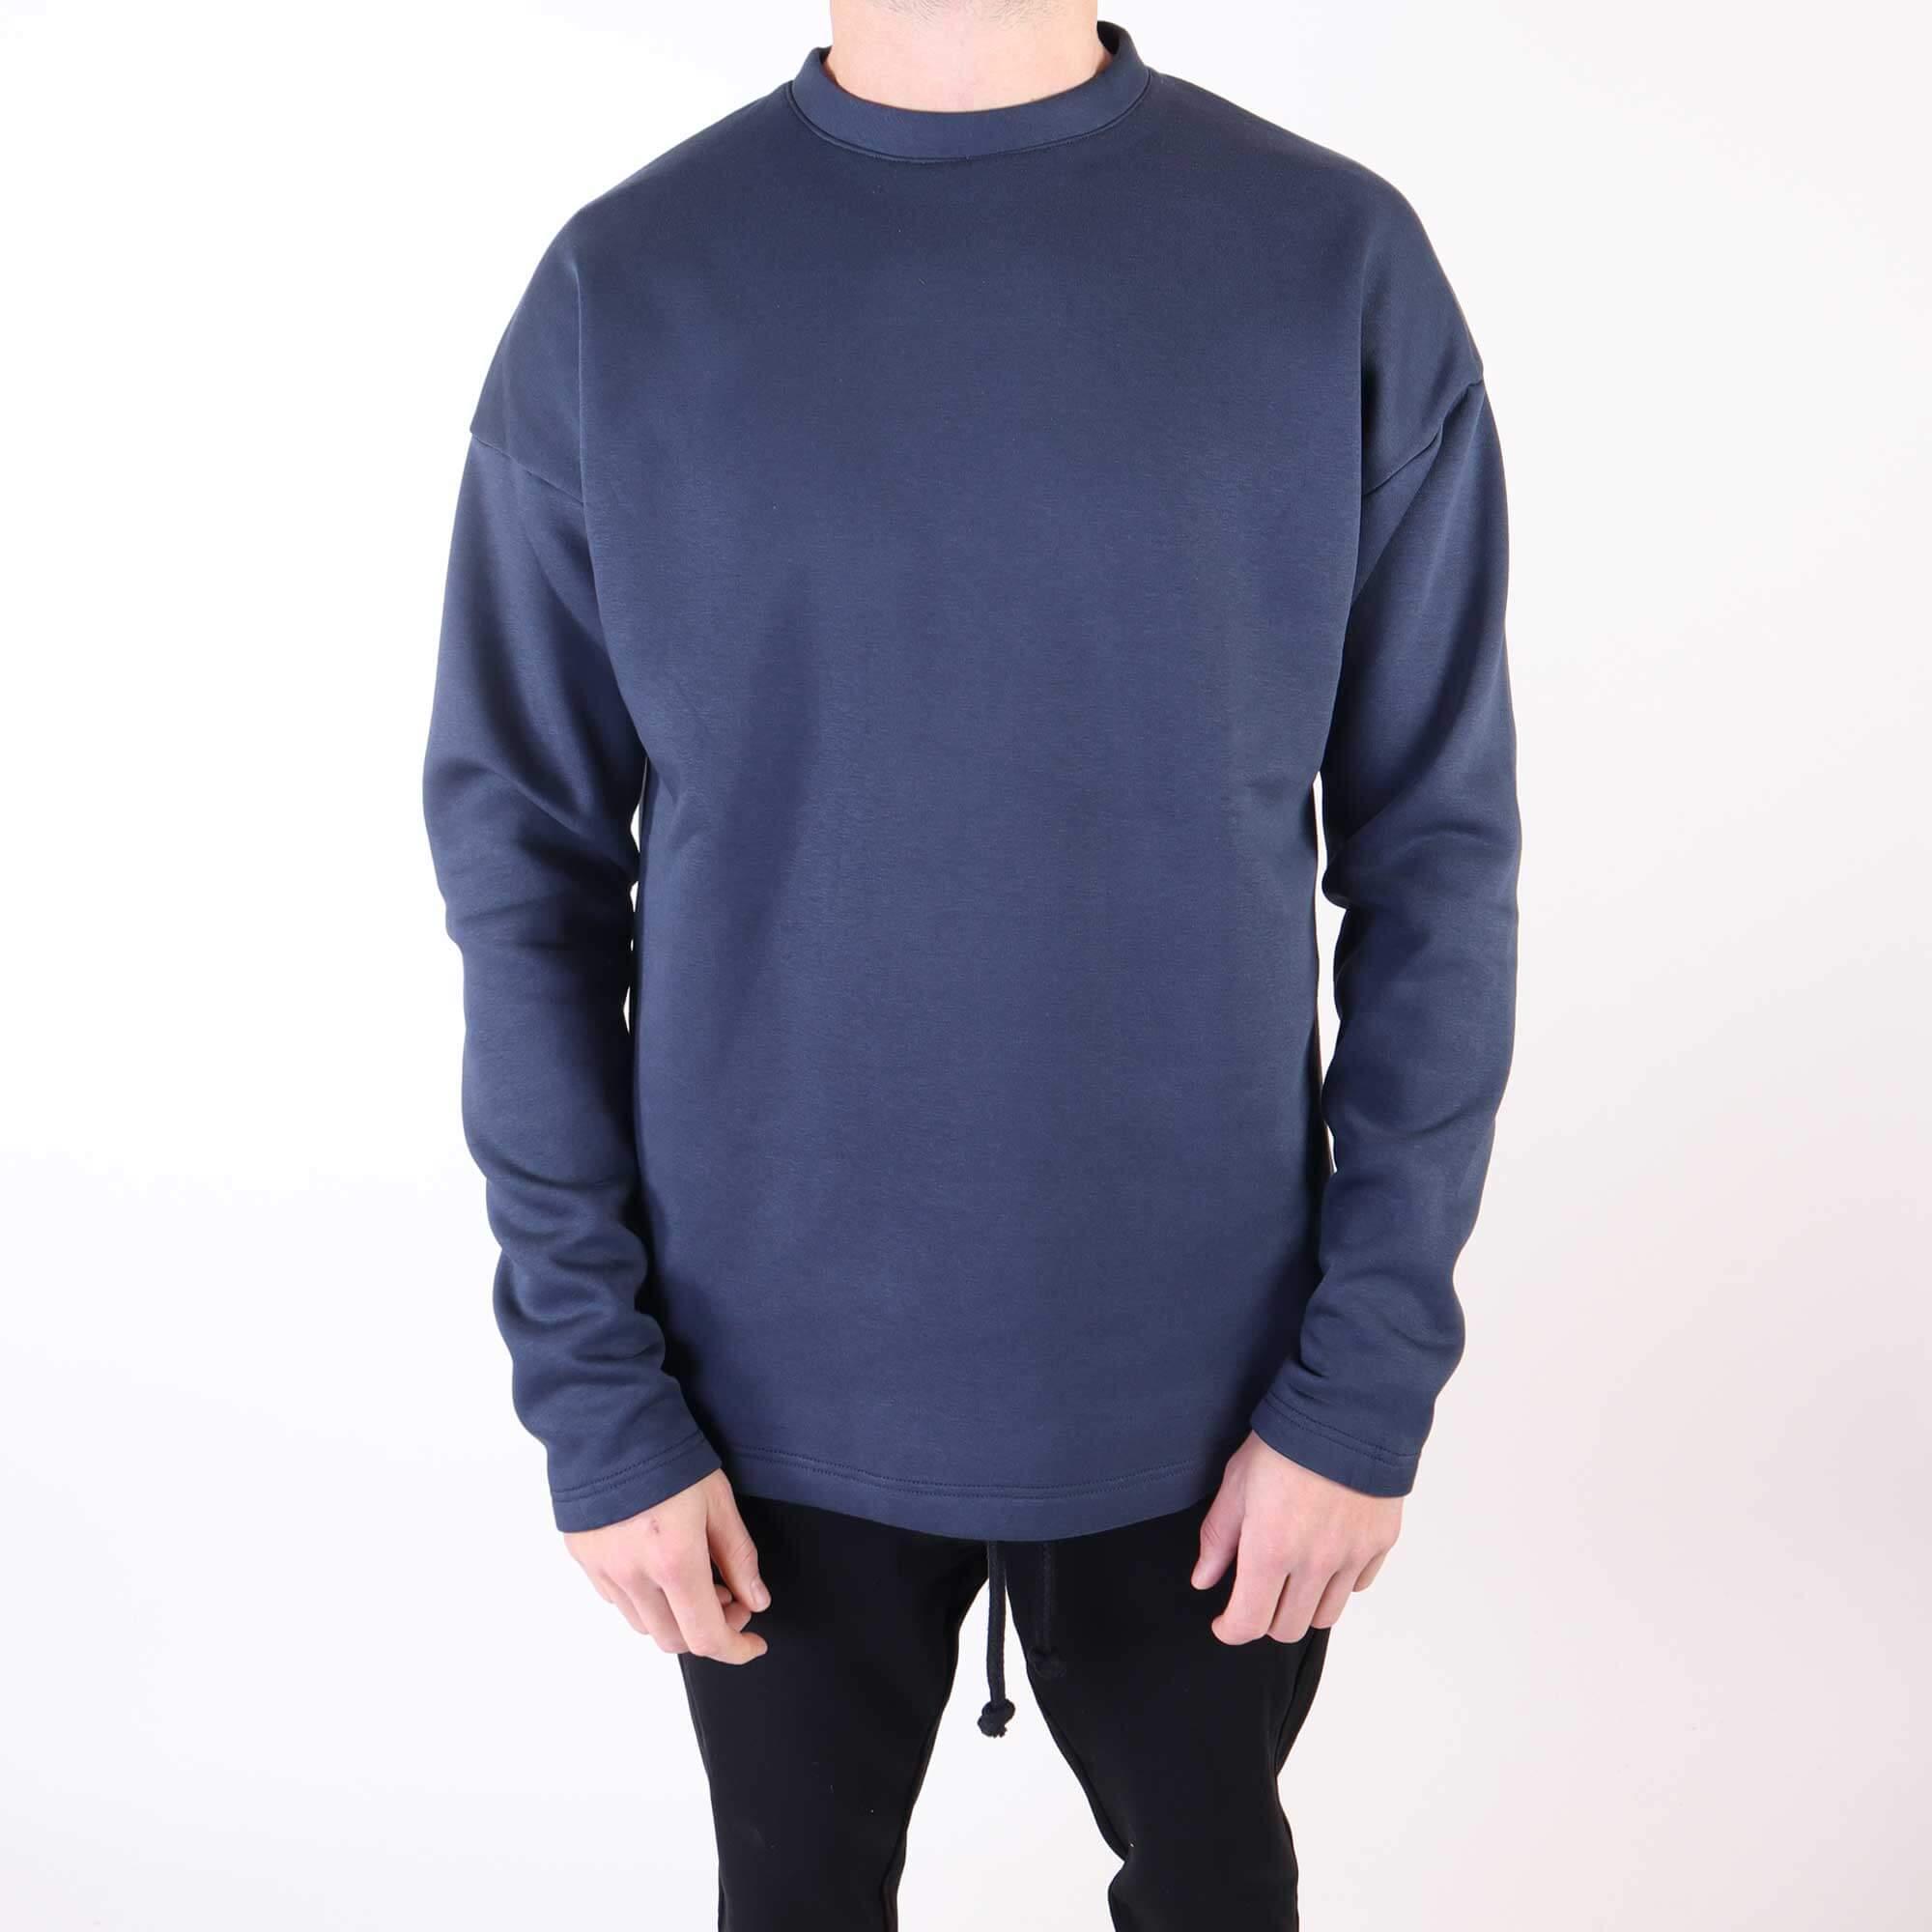 sweater-blauw-2